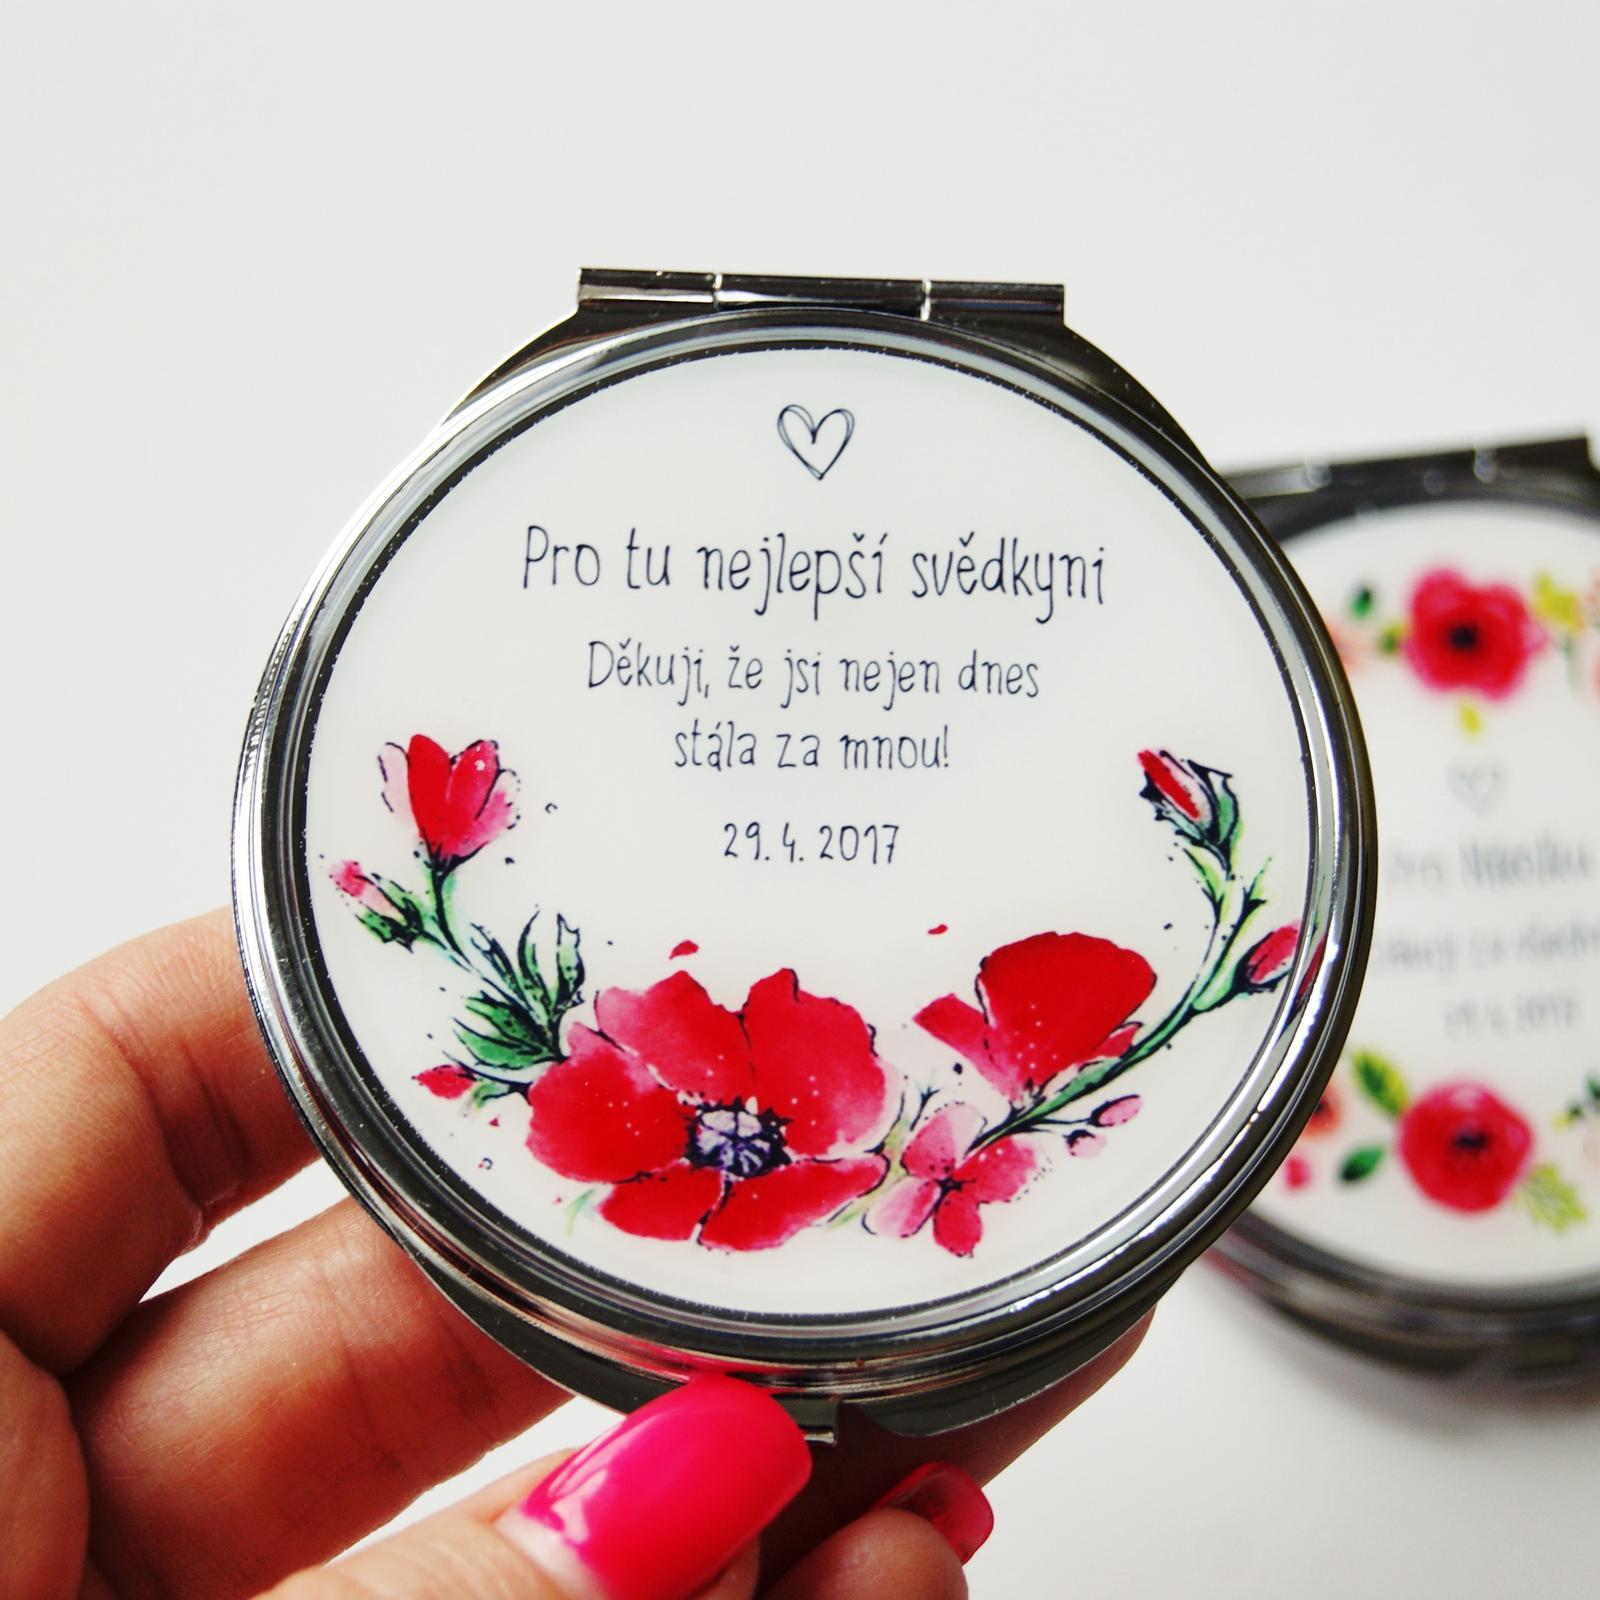 Svatby roku 2017 - zrcátko pro svědkyni s našimi ručně malovanými máky z katalogu - Pro návrh vlastního šperku na přání využijte náš formulář na eshopu: http://bit.ly/_sperky_na_prani